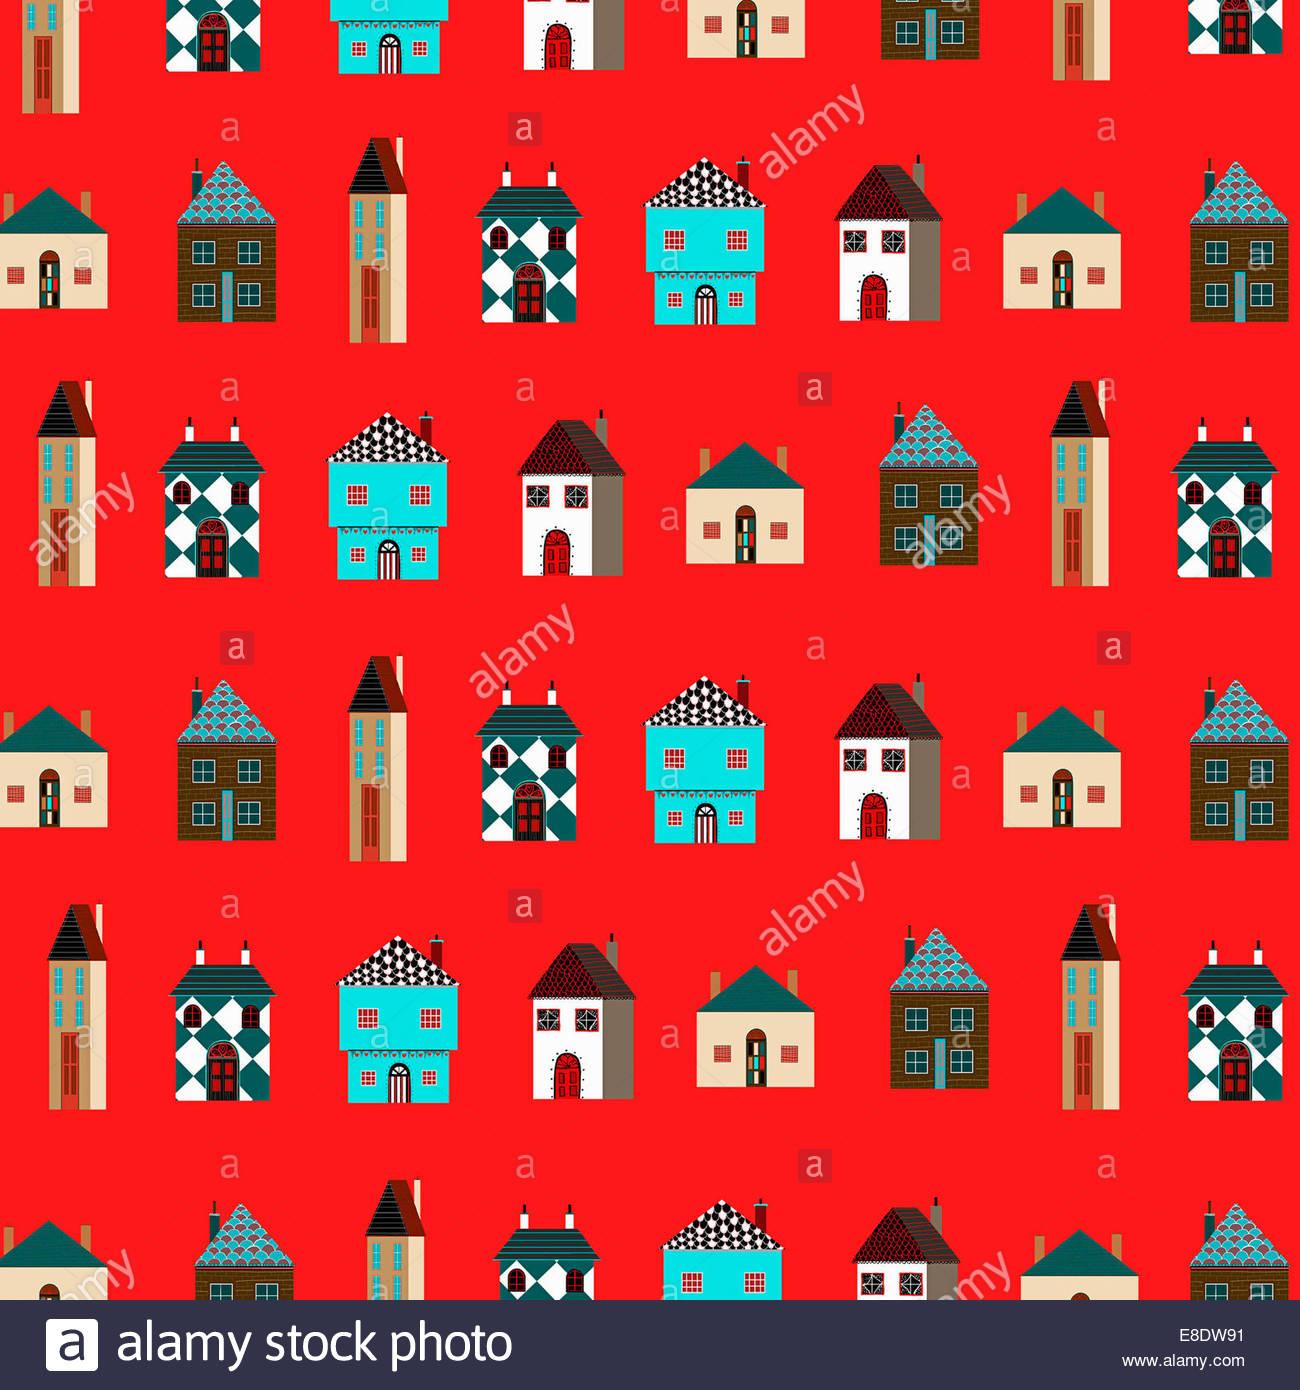 Modello Di Righe Di Diverse Case Su Sfondo Rosso Foto Immagine